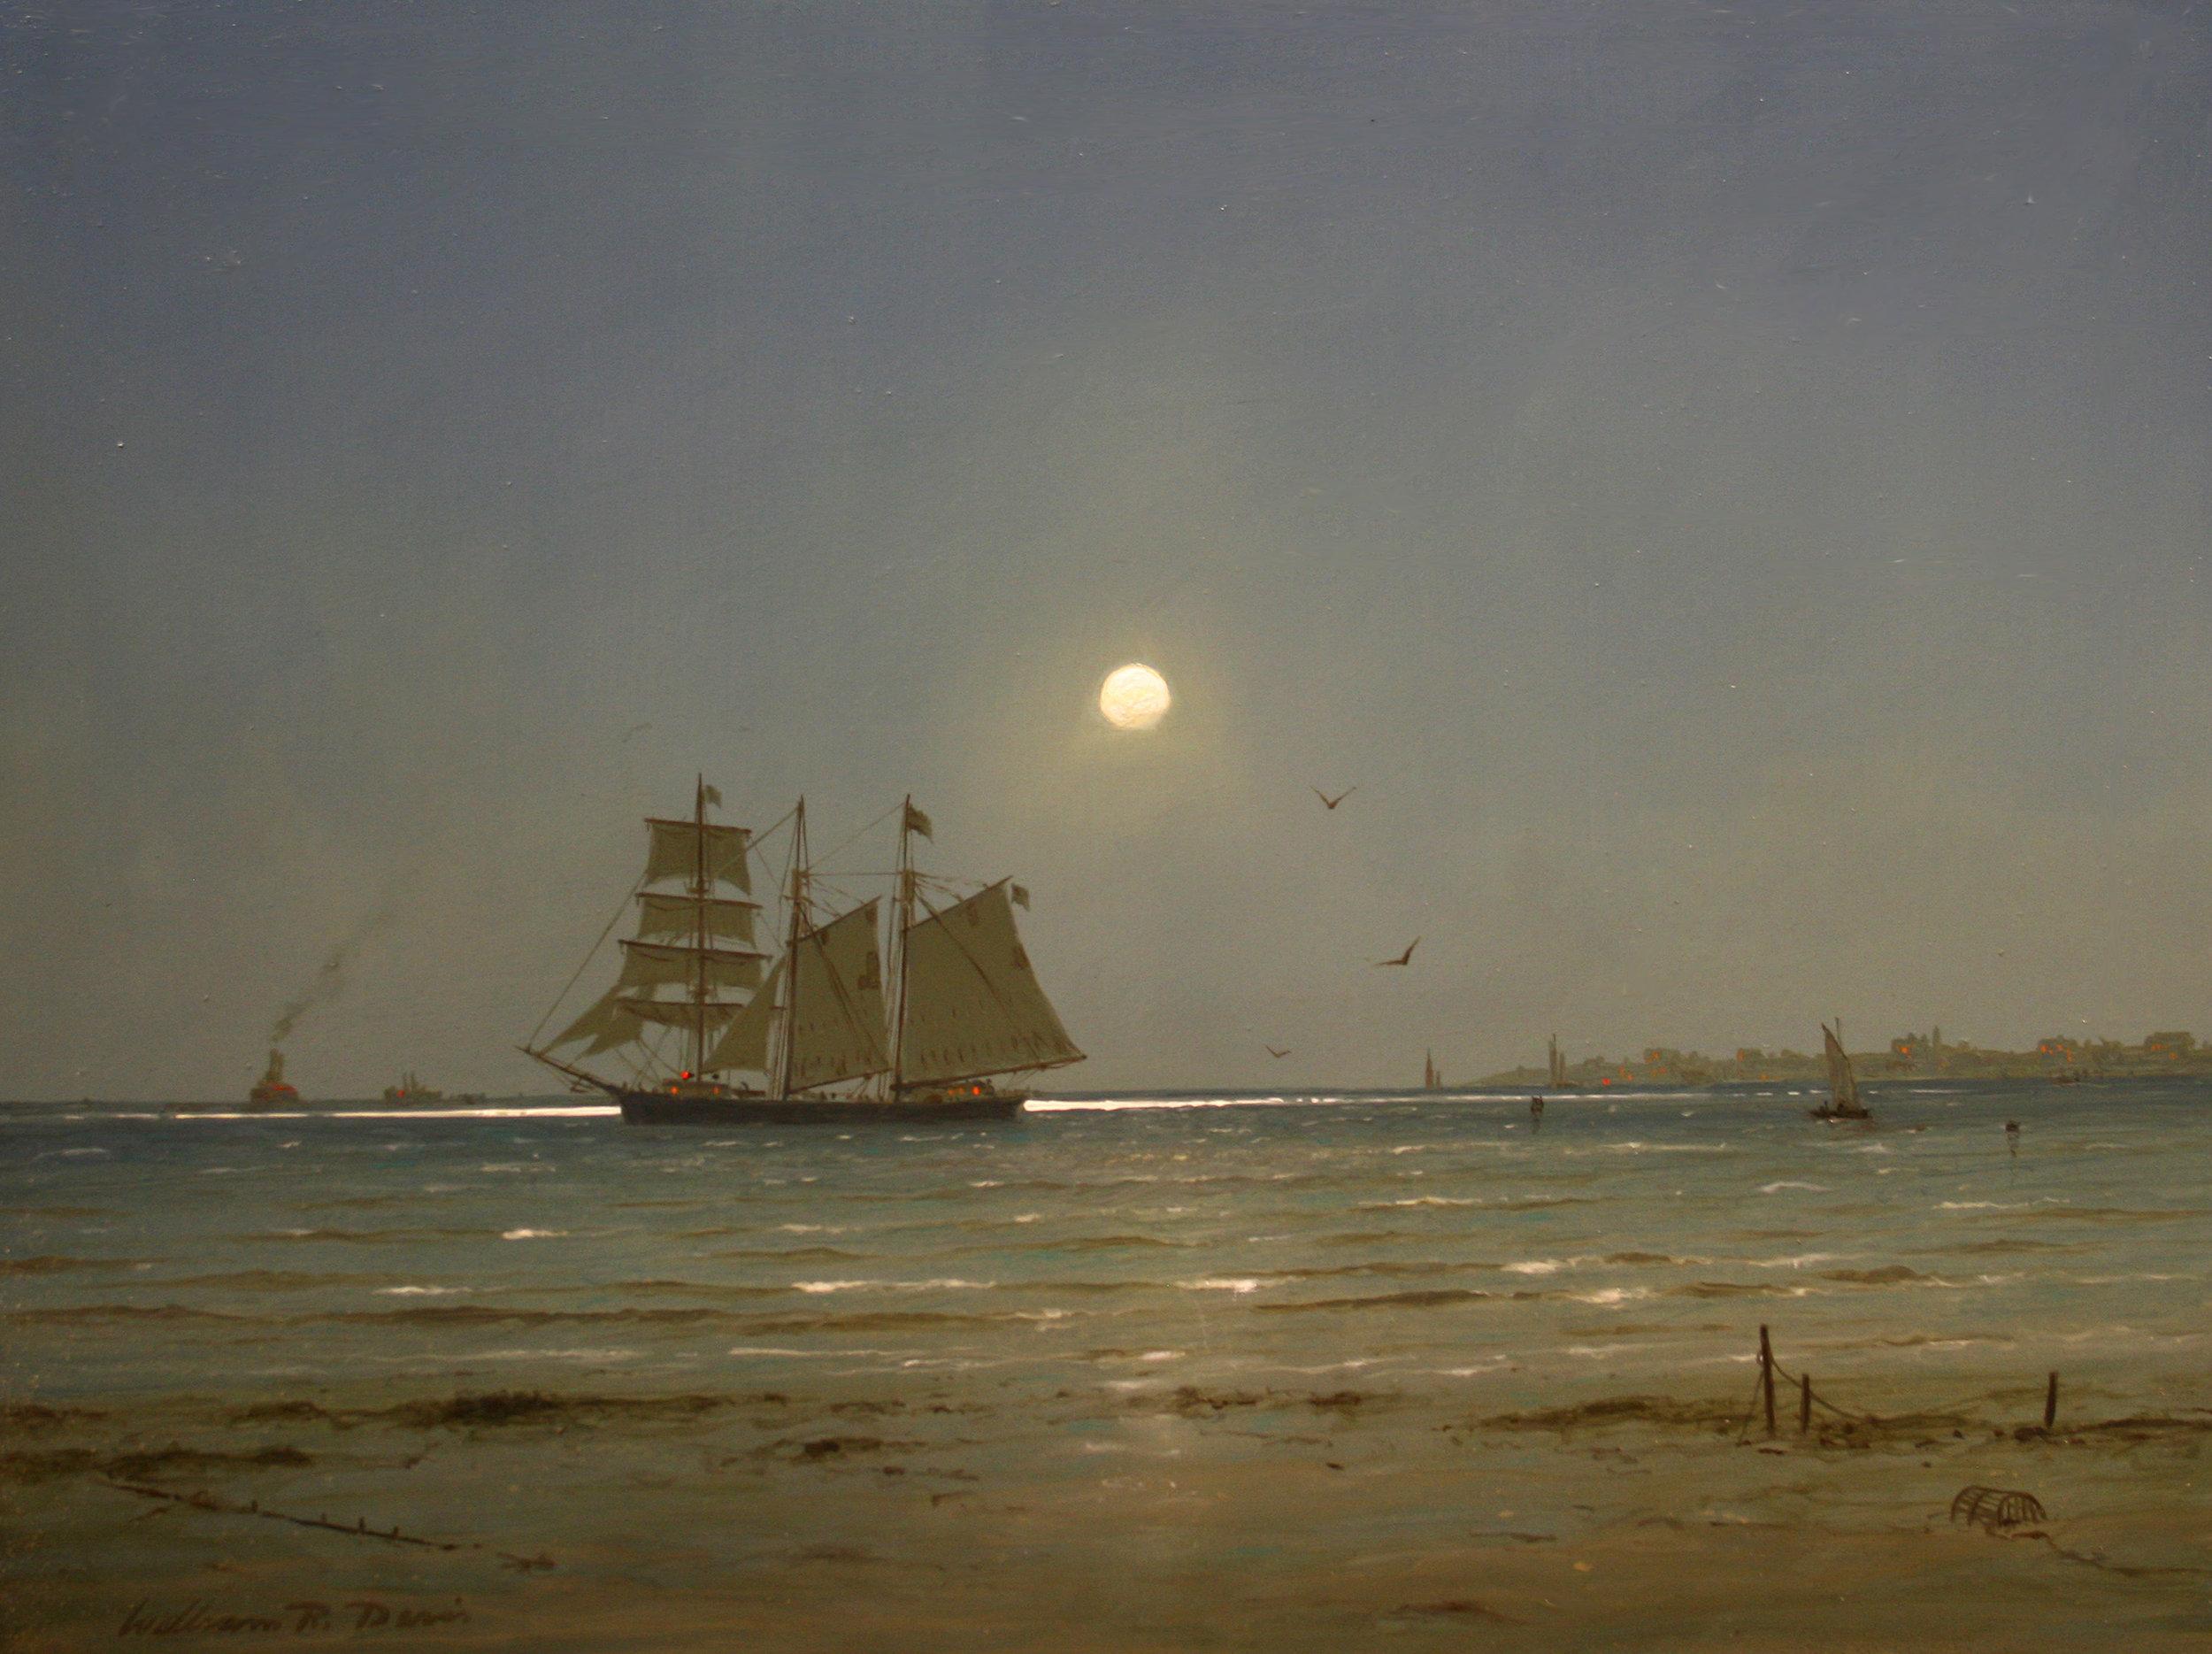 William R. Davis